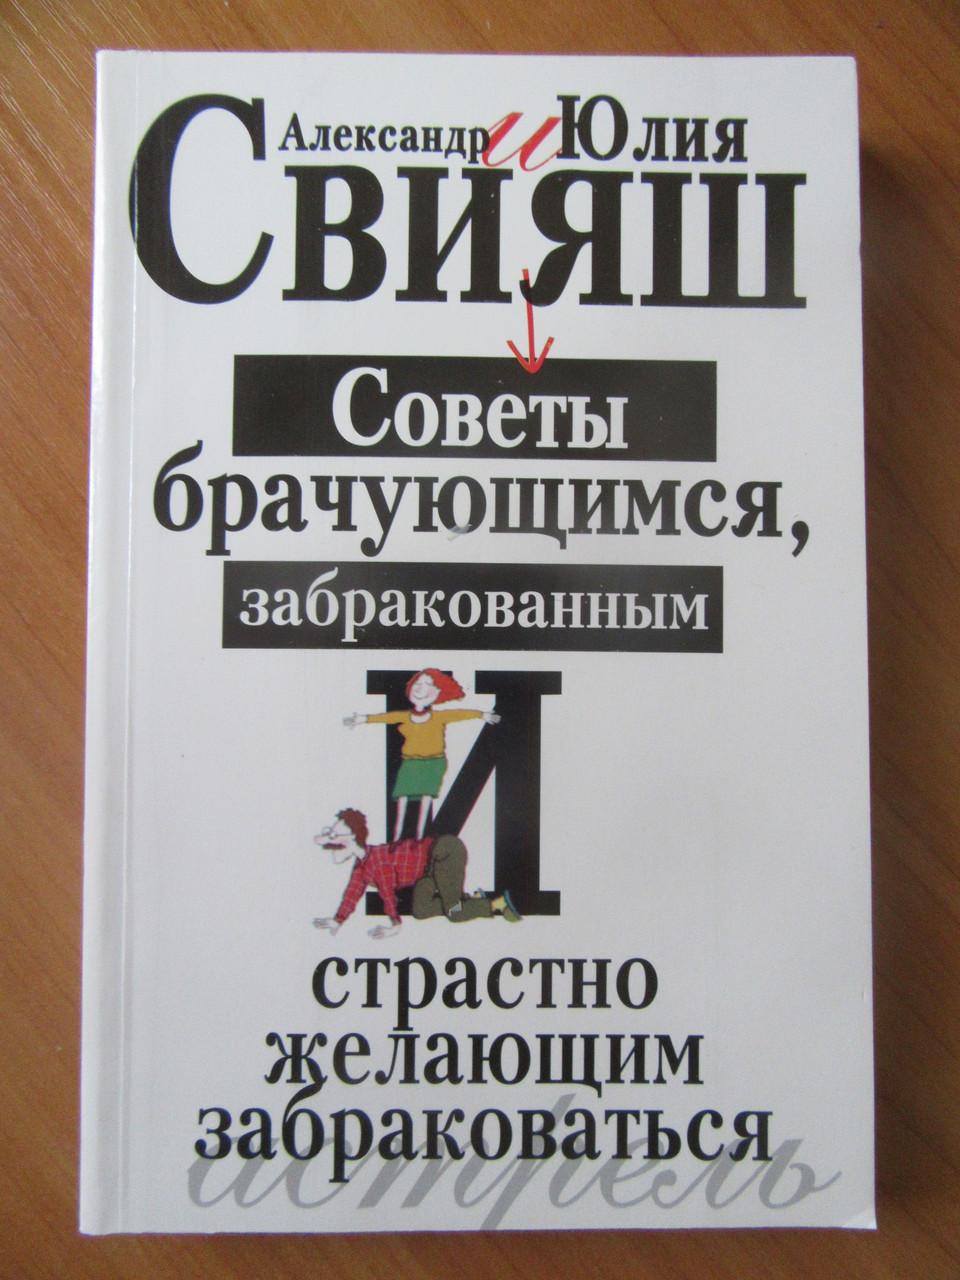 Александр Свияш. Советы брачующимся, забракованным и страстно желающим забраковаться